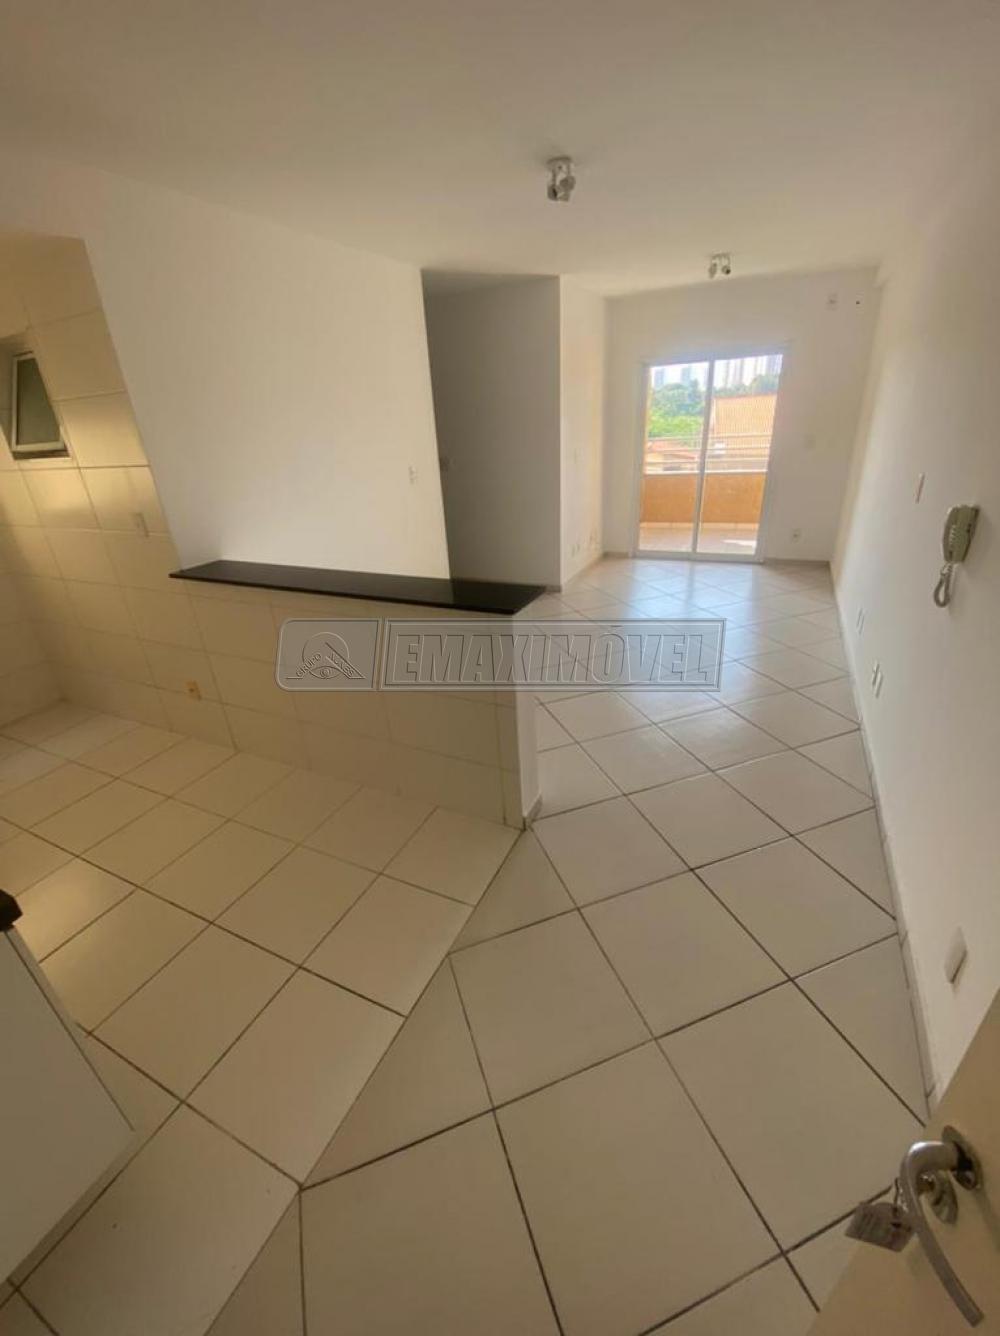 Alugar Casa / em Condomínios em Votorantim R$ 1.200,00 - Foto 1